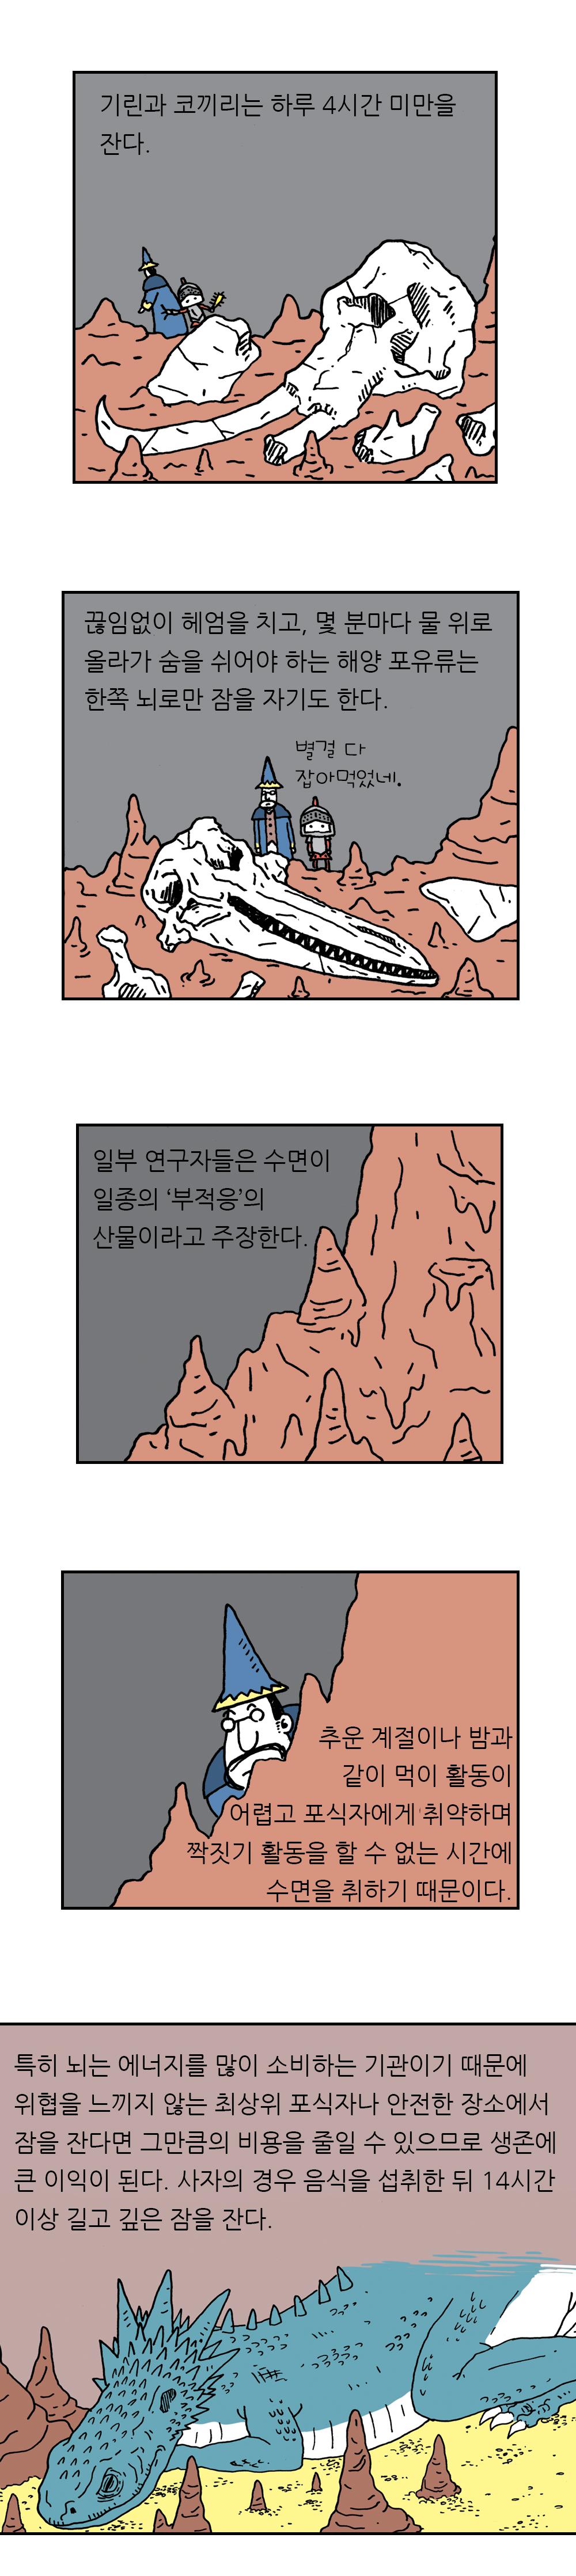 사이언티픽 게이머즈 시즌2 #8 드래곤이 깊은 잠에 빠지는 이유 4